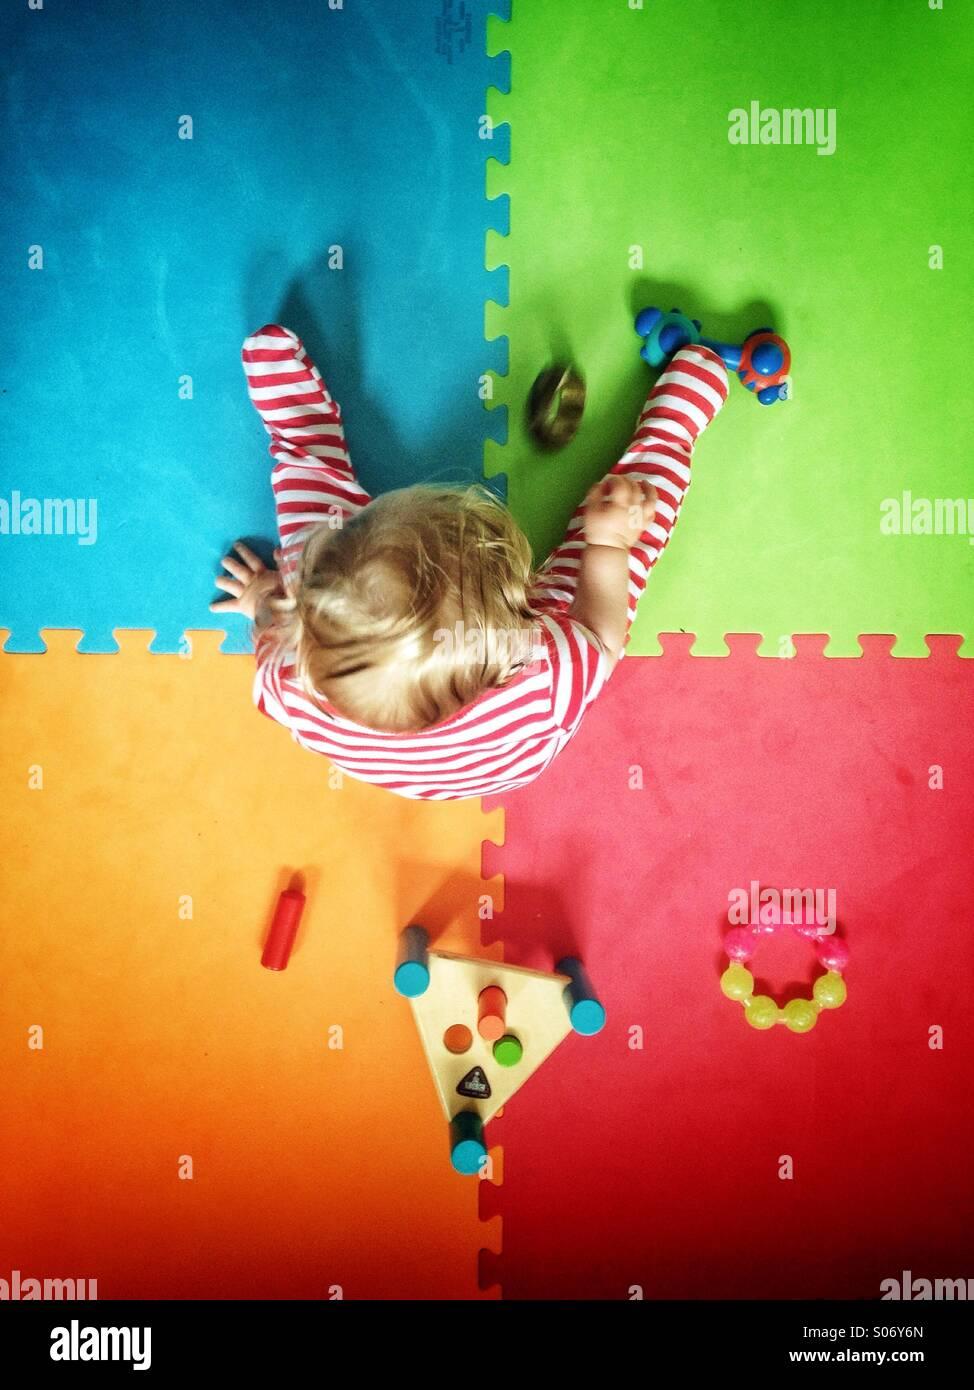 Bébé jouant sur le tapis de jeu colorées Photo Stock